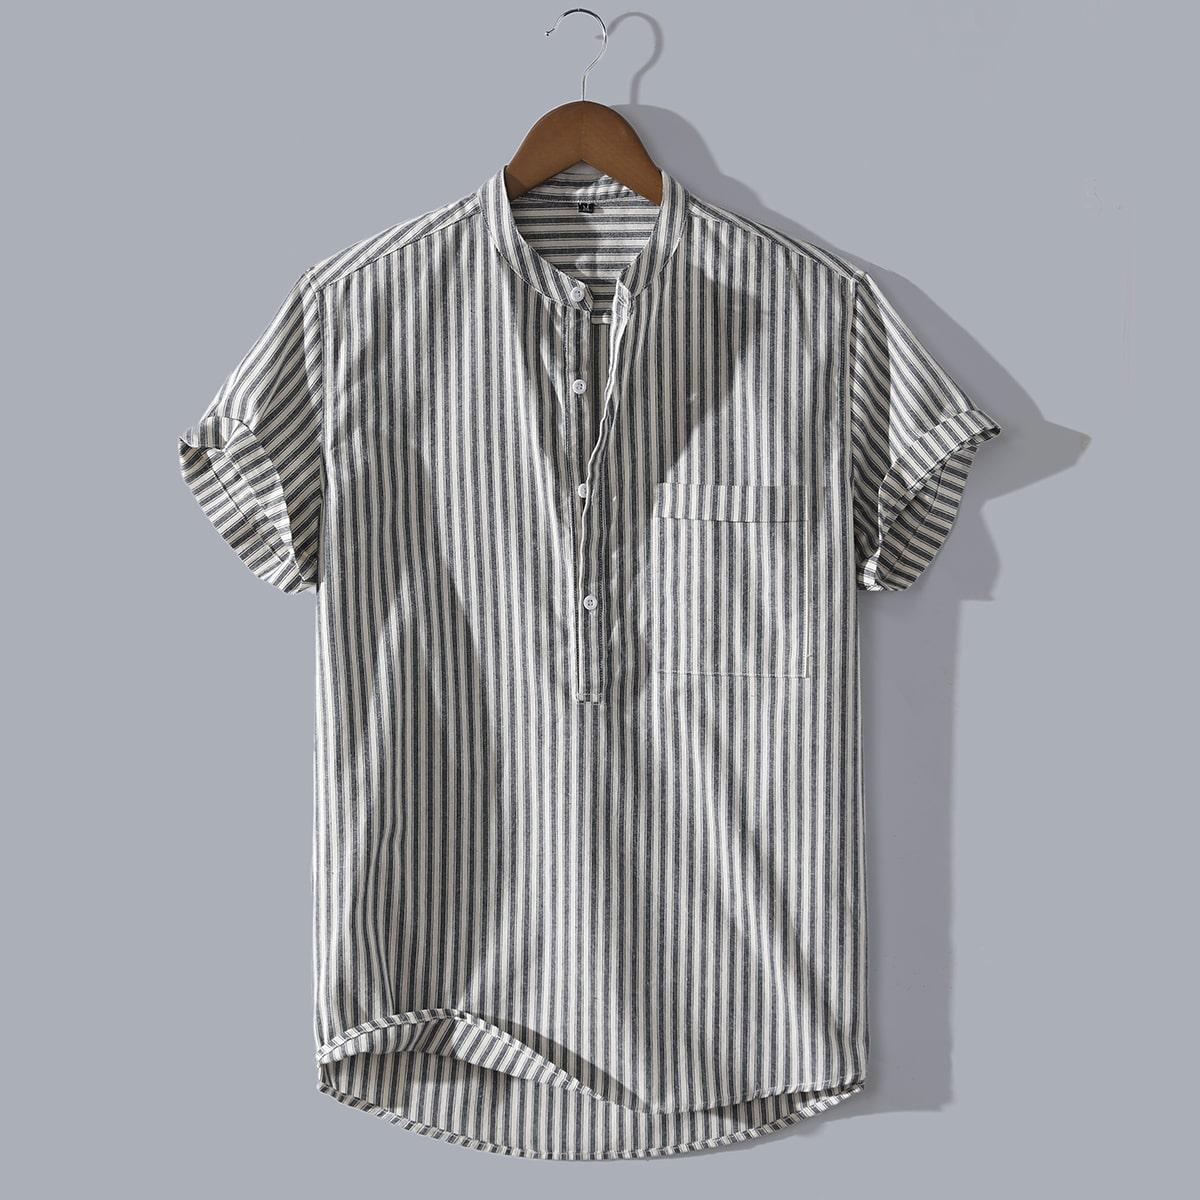 1шт мужская рубашка в полоску с карманом по цене 1 030